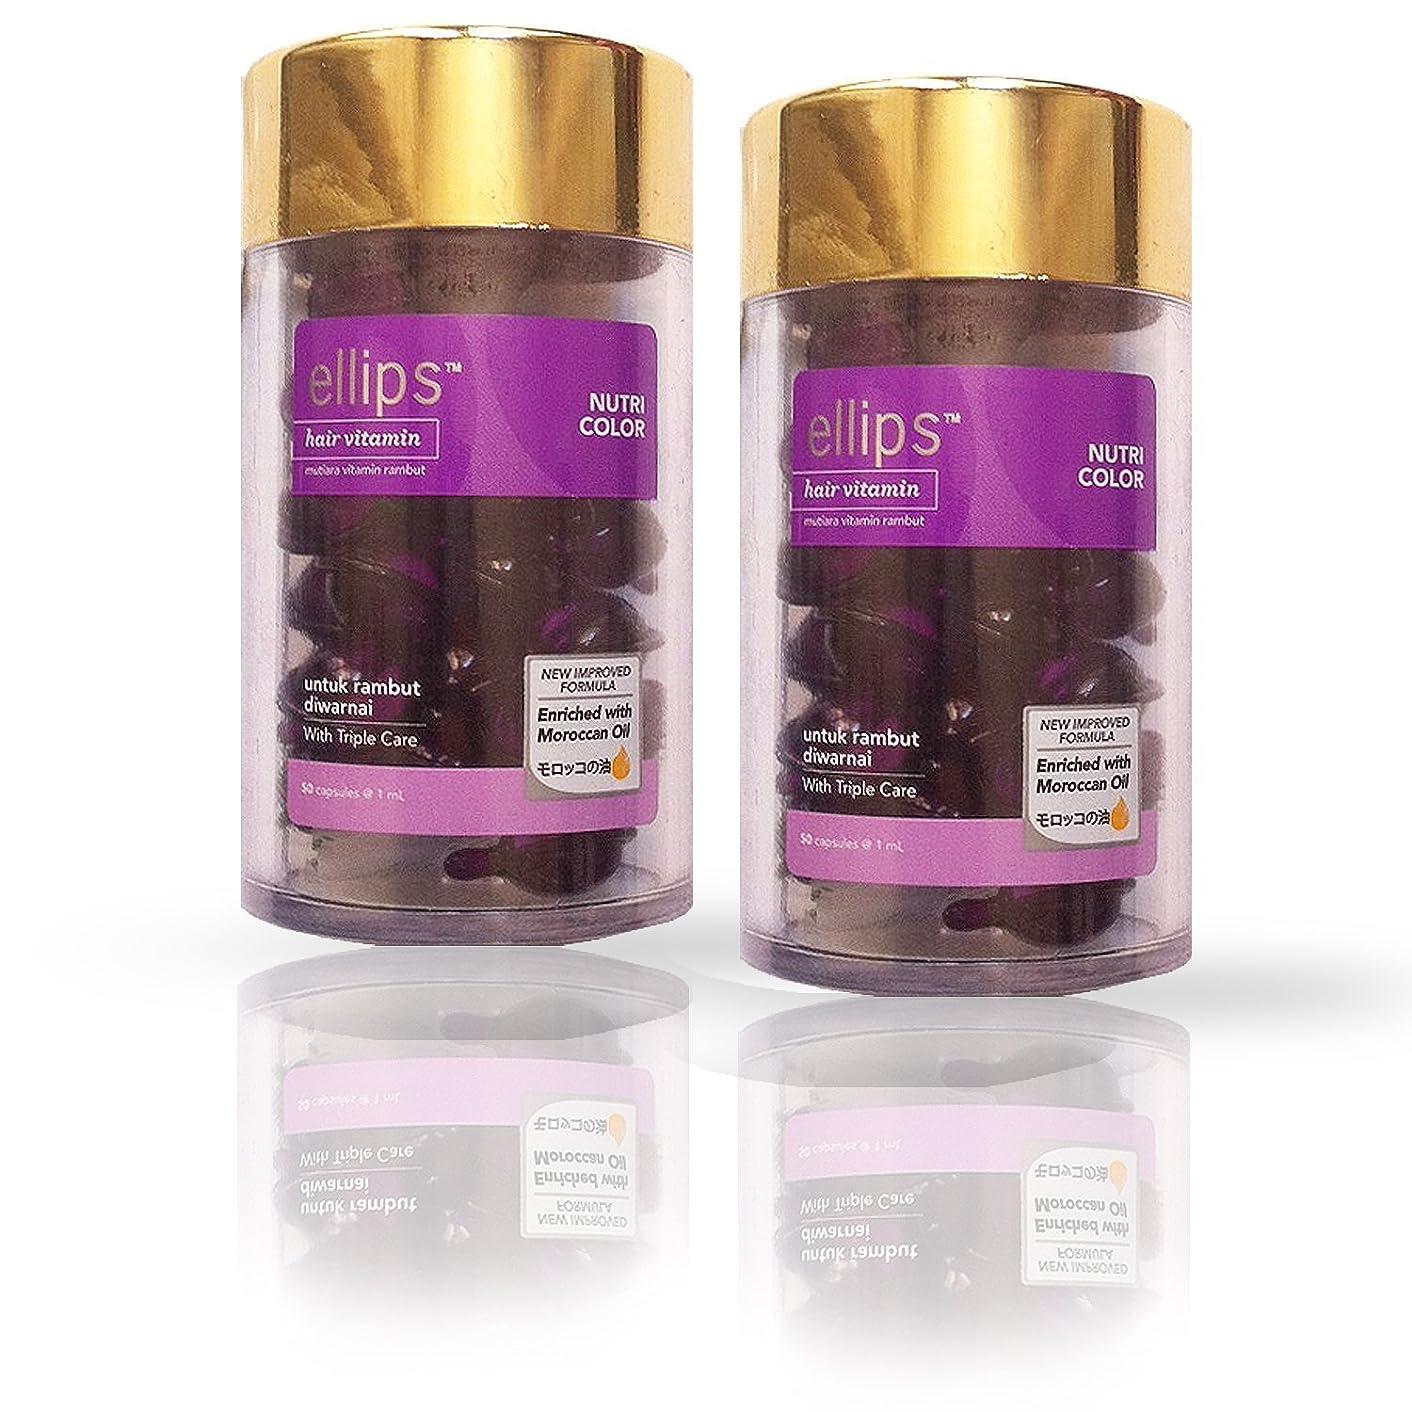 吸収剤余韻ピットエリップス(ellips)ニュートリカラー(ミックスベリー&花の香り)ボトル 50粒×2個